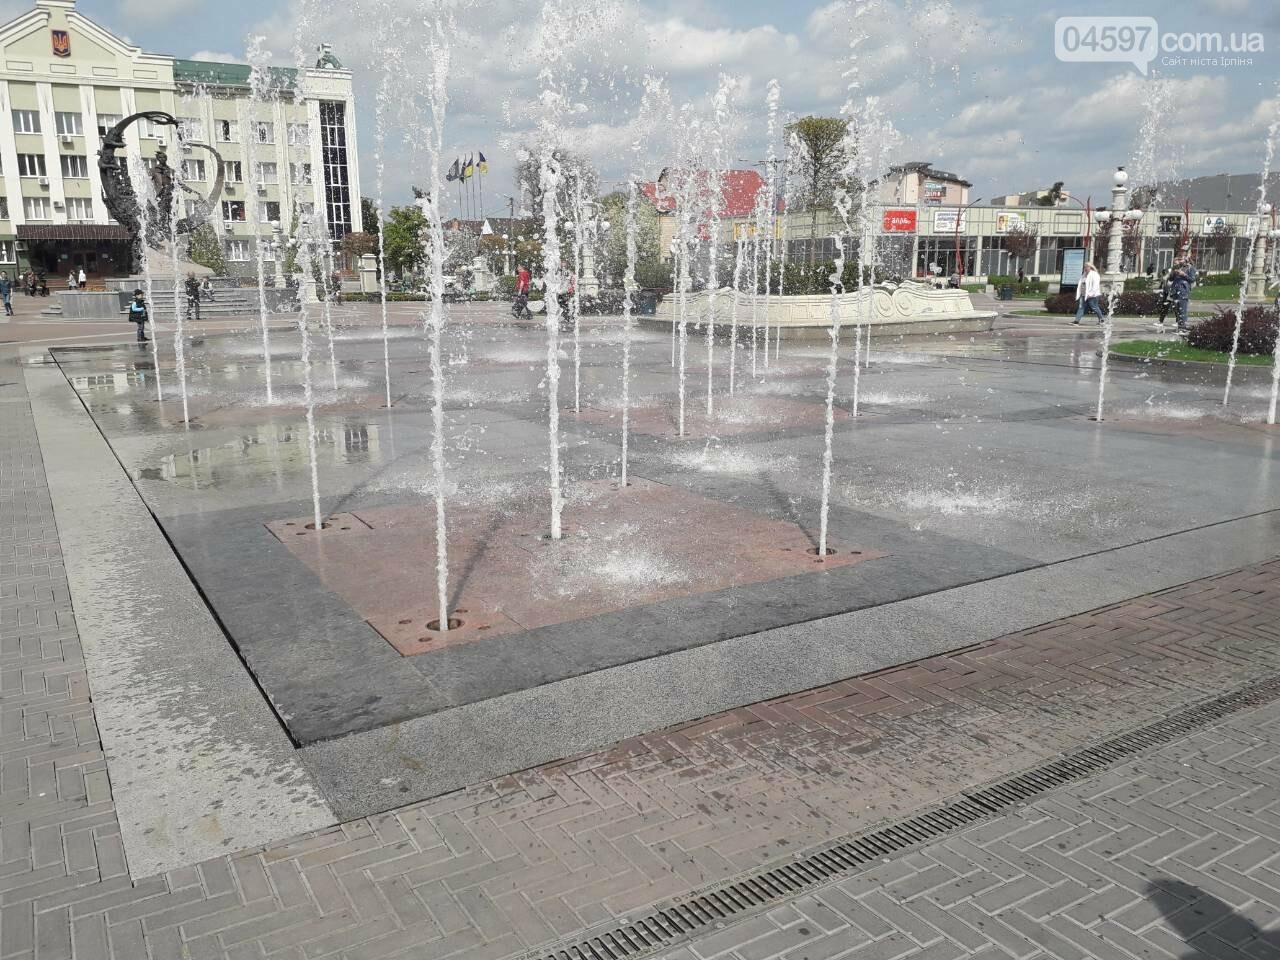 Найближчими днями в центрі Ірпеня запустять фонтан, фото-2